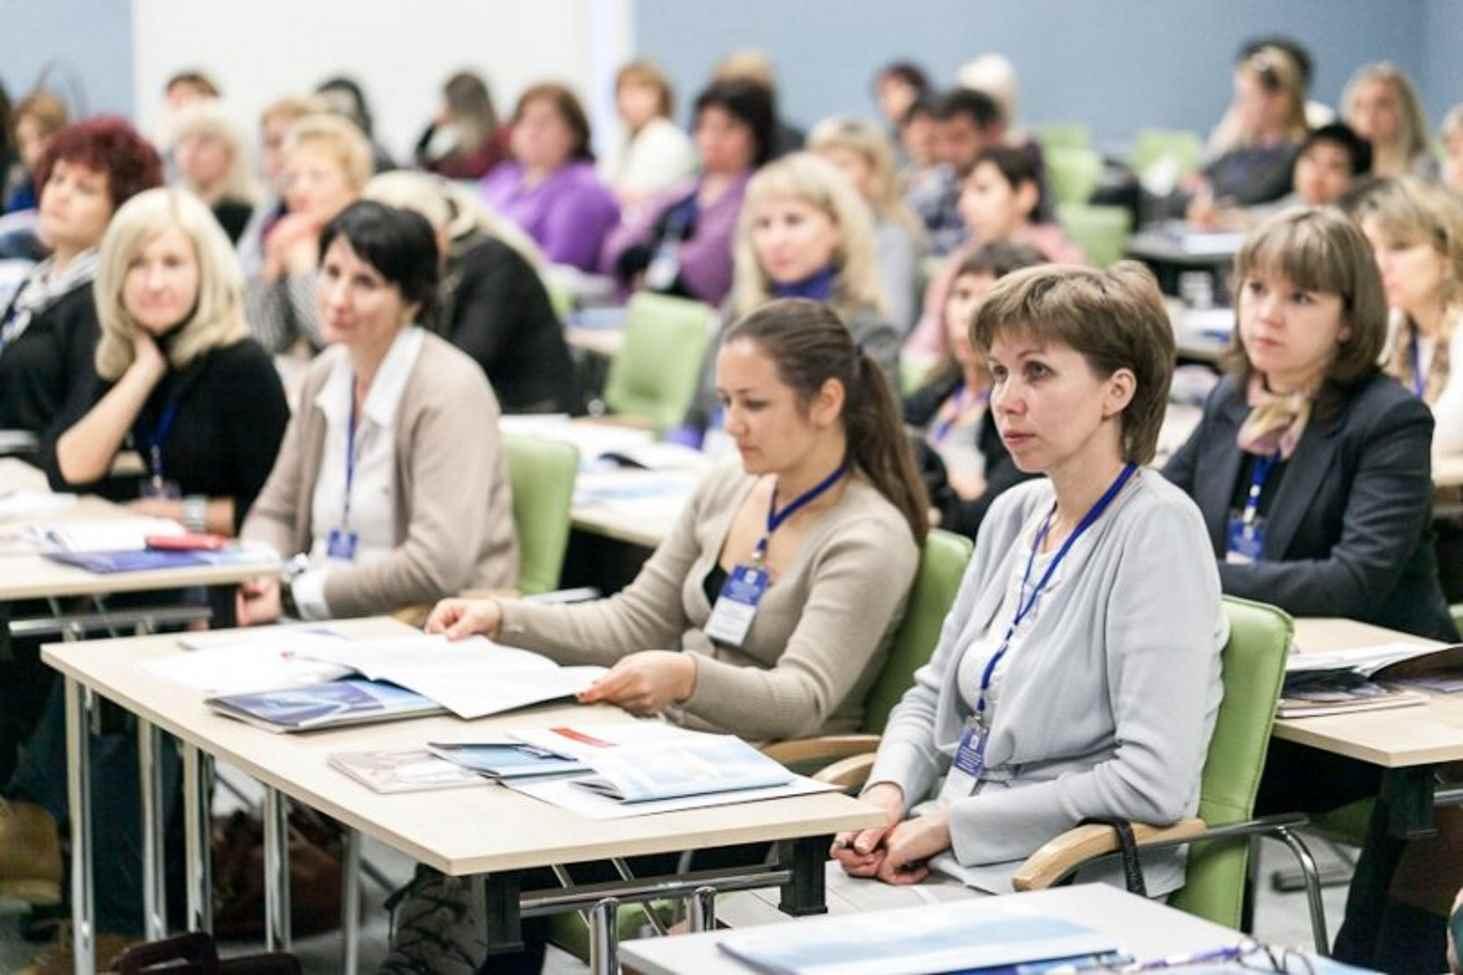 v-mae-pedagogi-smogut-povysit-kvalifikatsiyu-po-ochen-nizkoj-tsene